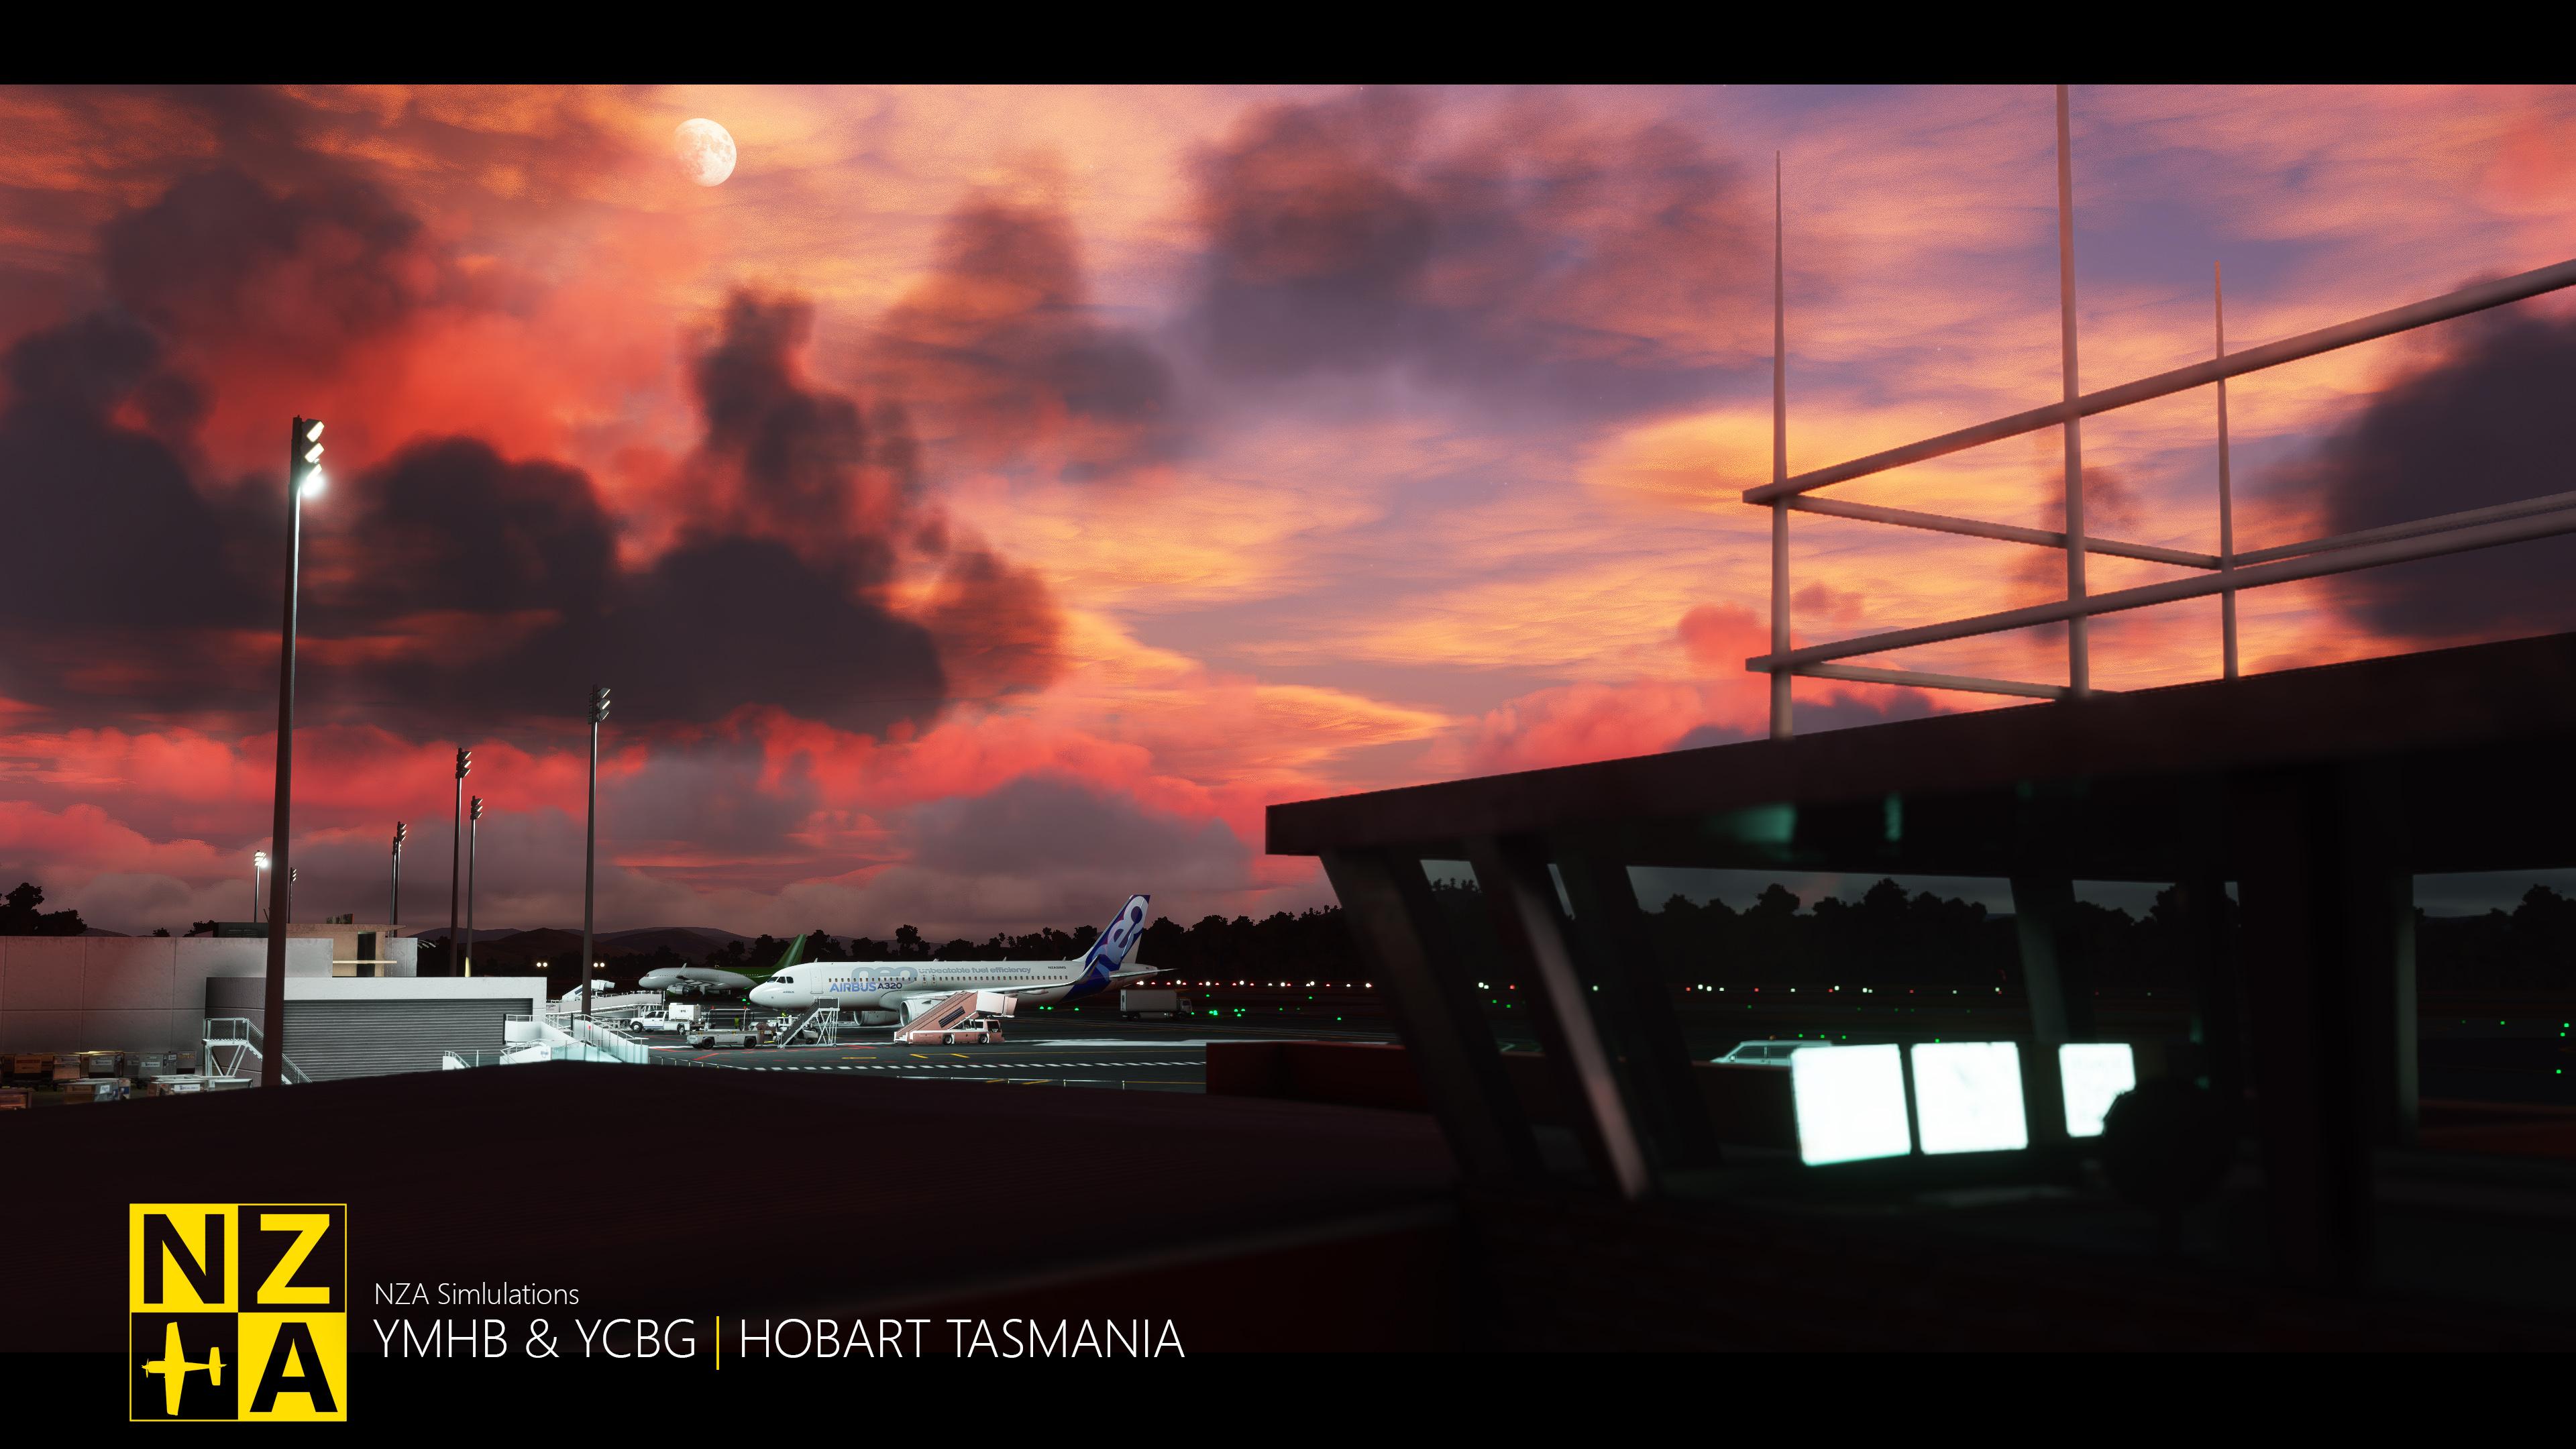 NZA Simulations - YMHB & YCBG - 2021 New Year.jpg